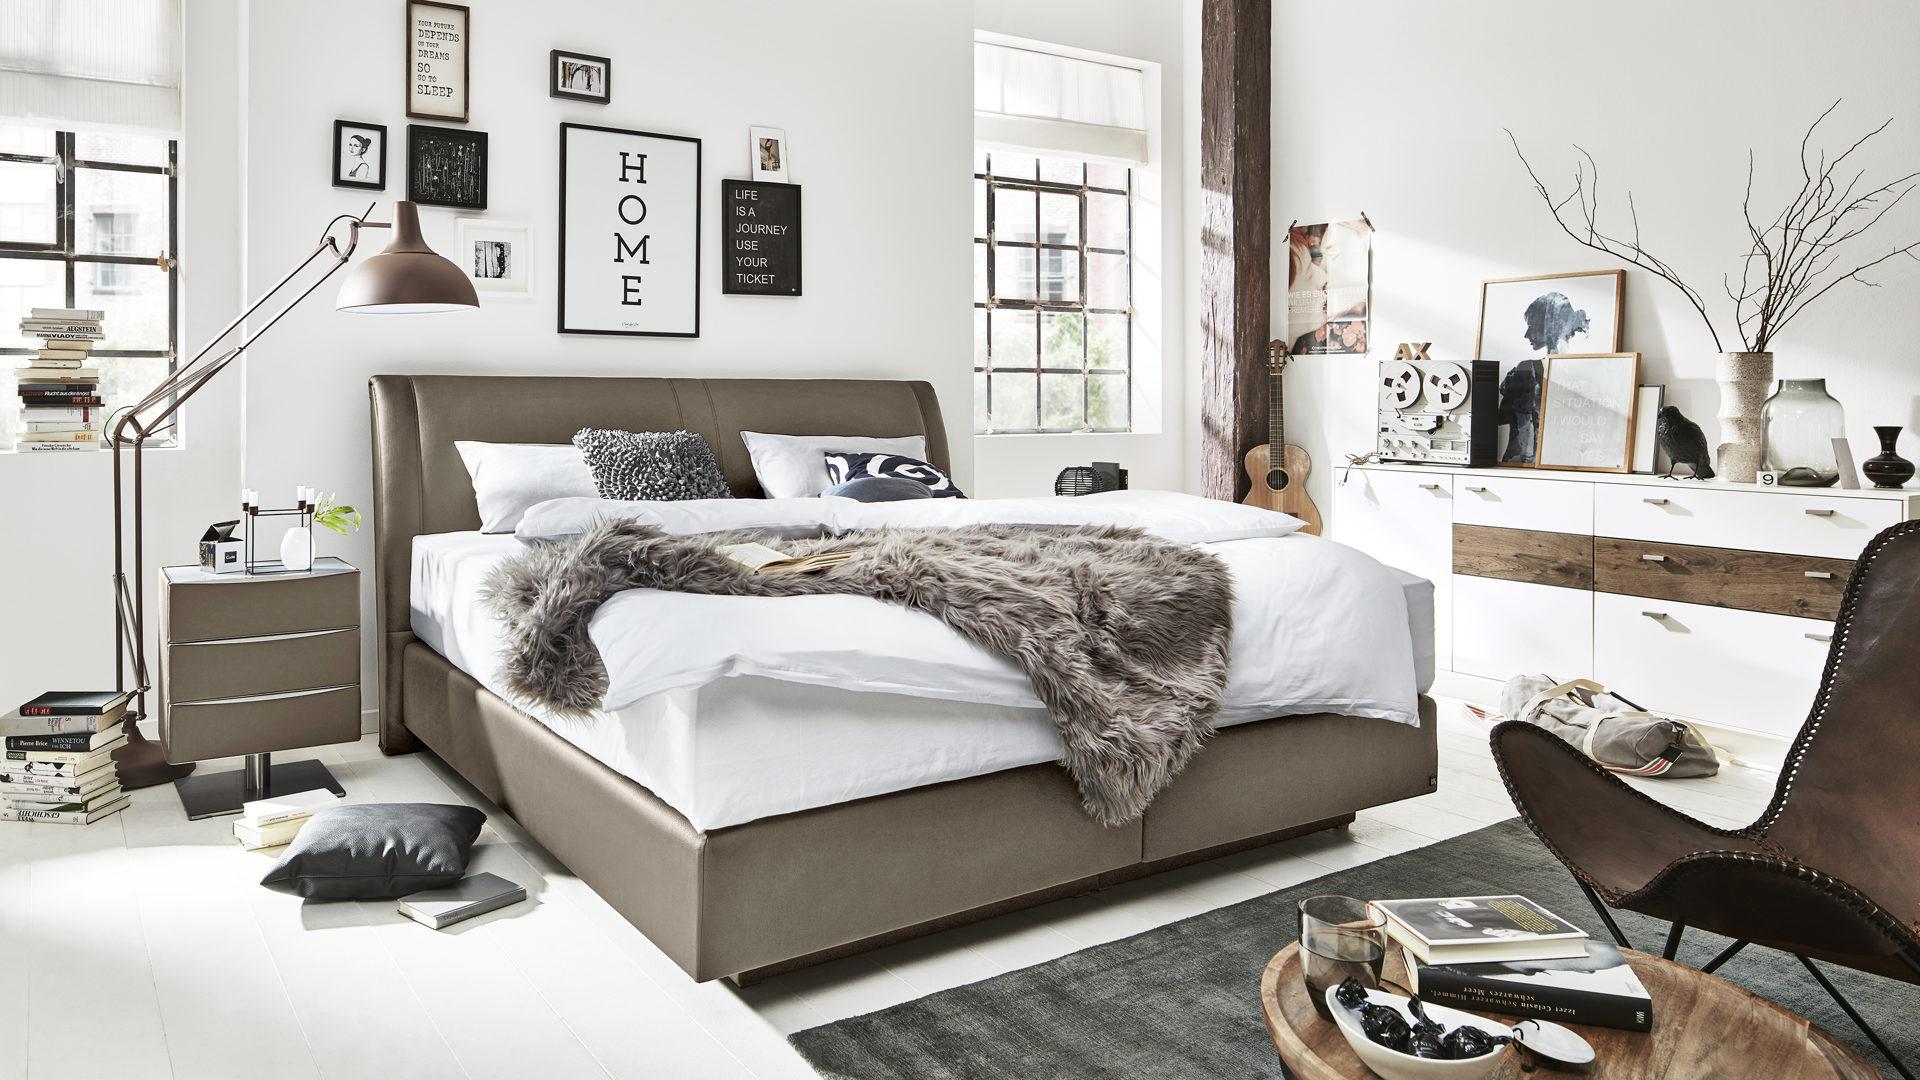 Betten Kaufen Coesfeld Betten Essen Bett Kollektion